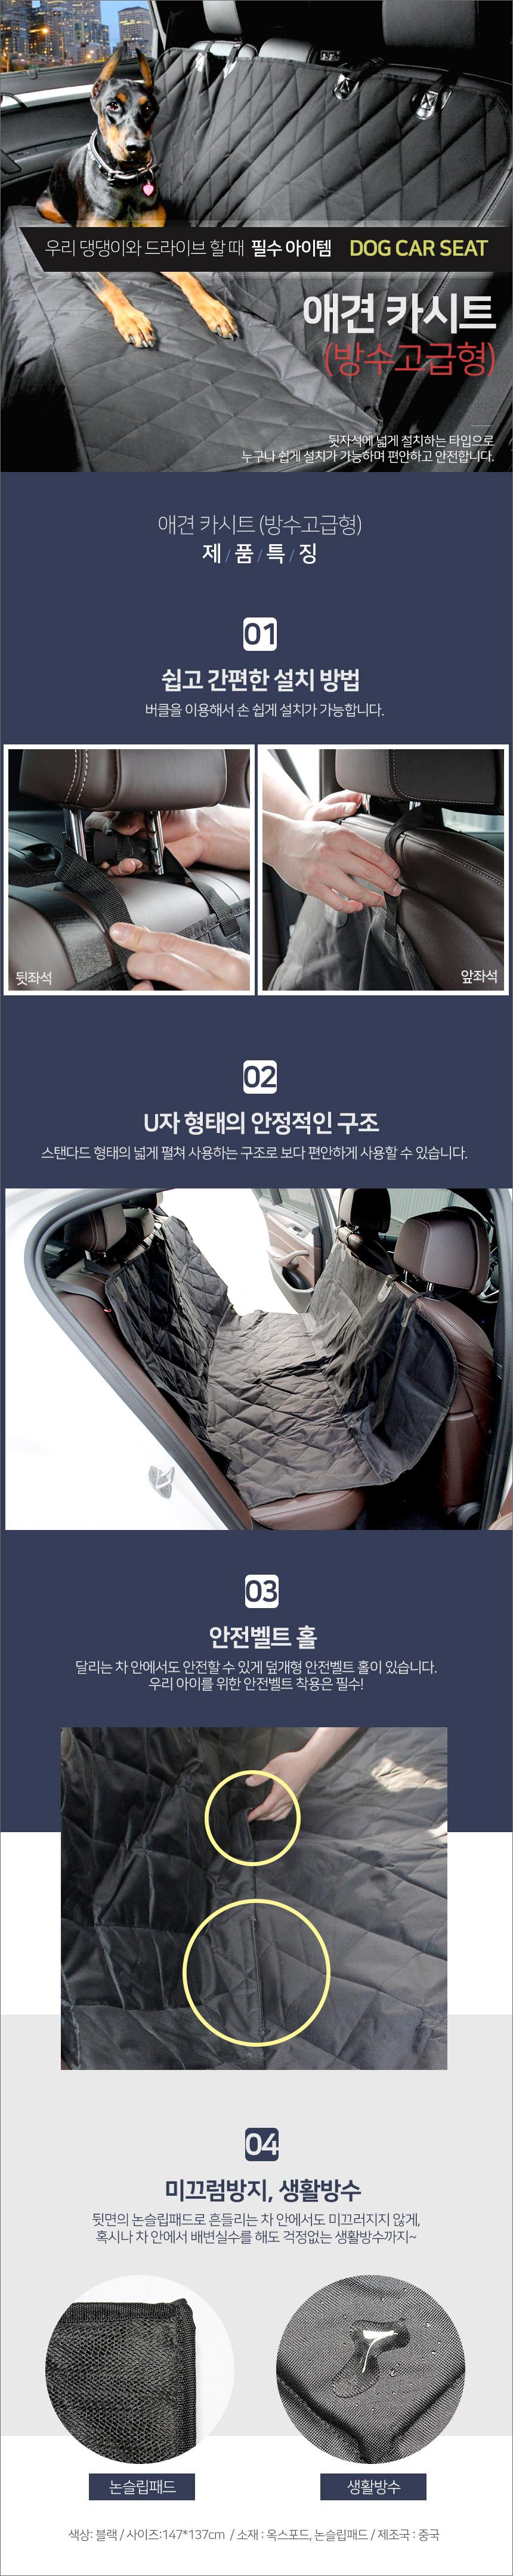 애견 외출용품 차량용 카시트 고급형 - 스토어봄, 24,000원, 이동장/리드줄/야외용품, 이동가방